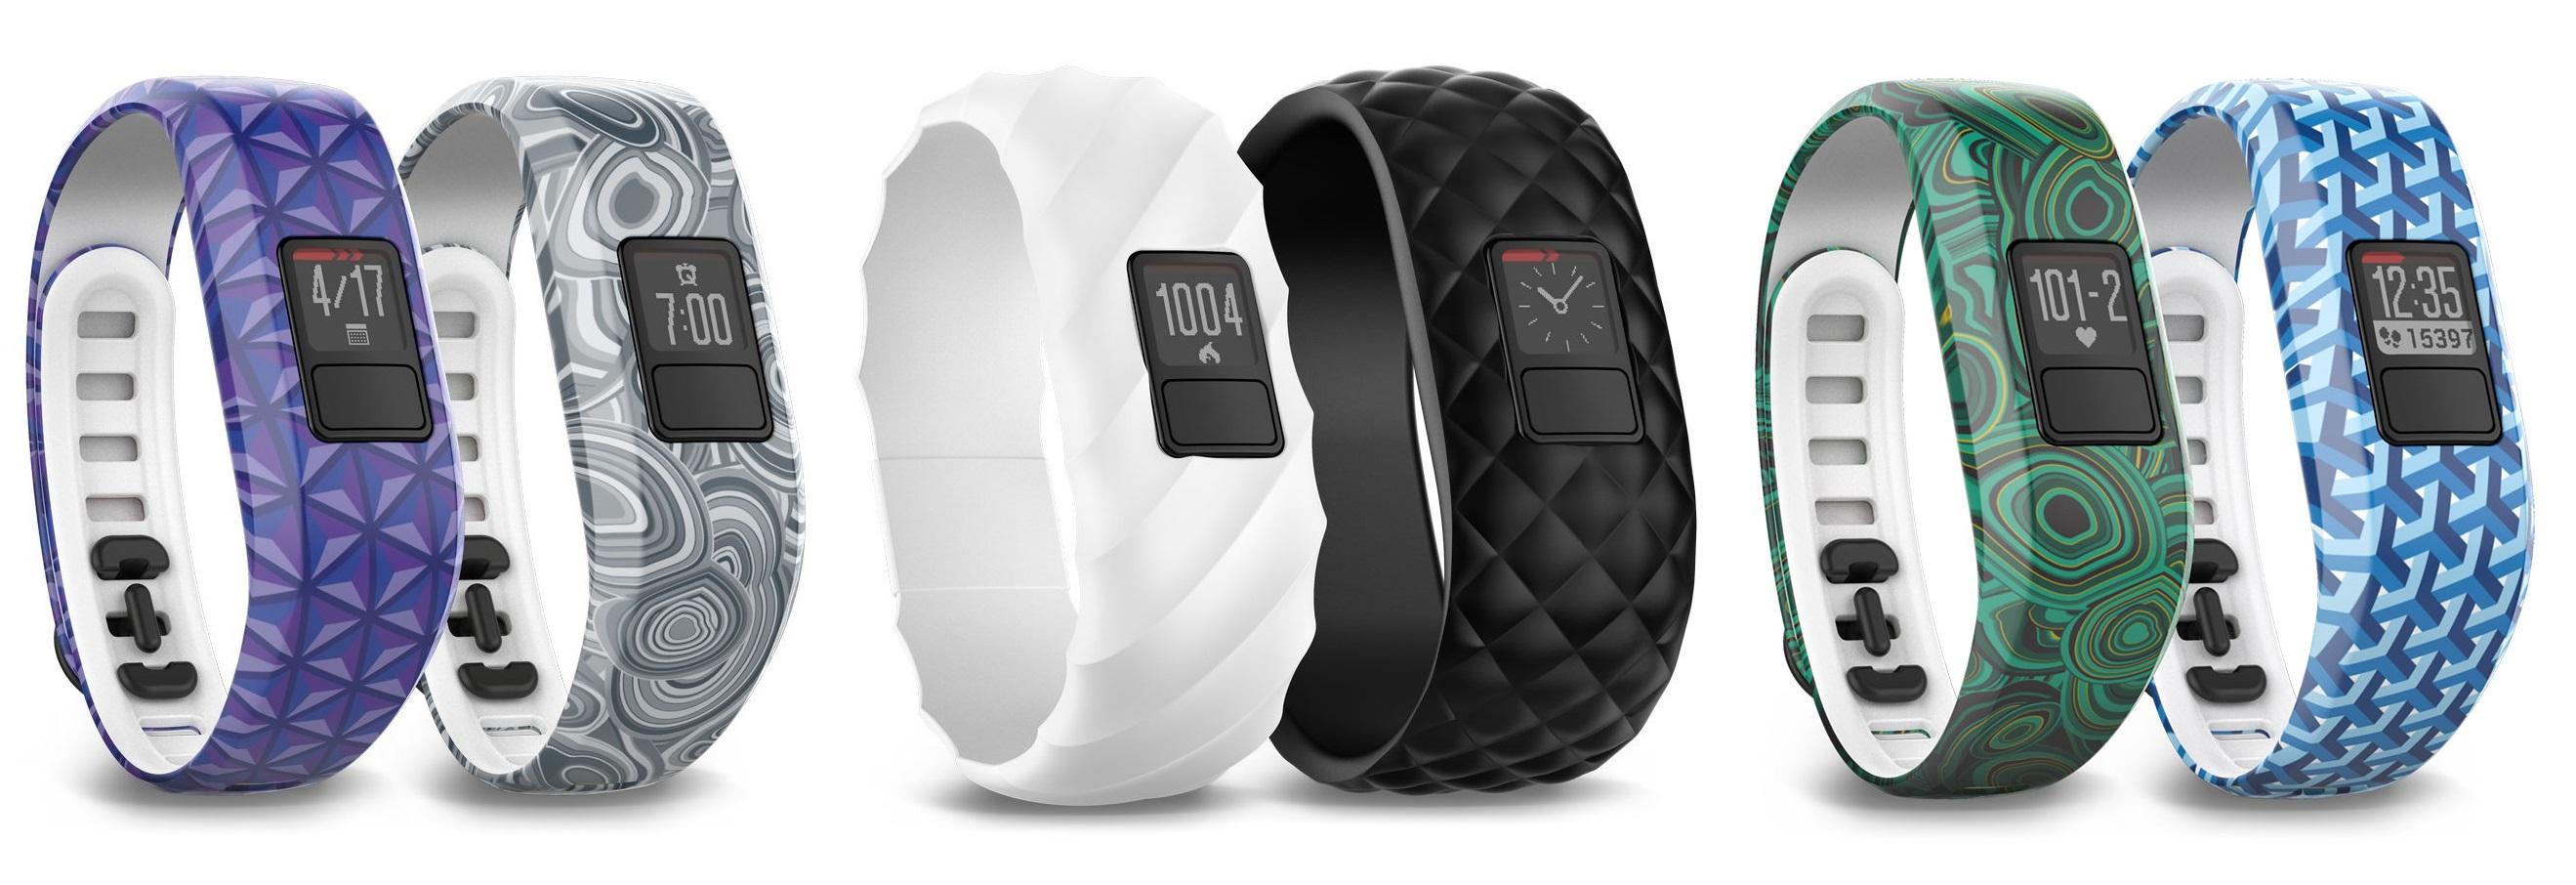 Garmin Vivofit 3 fitness